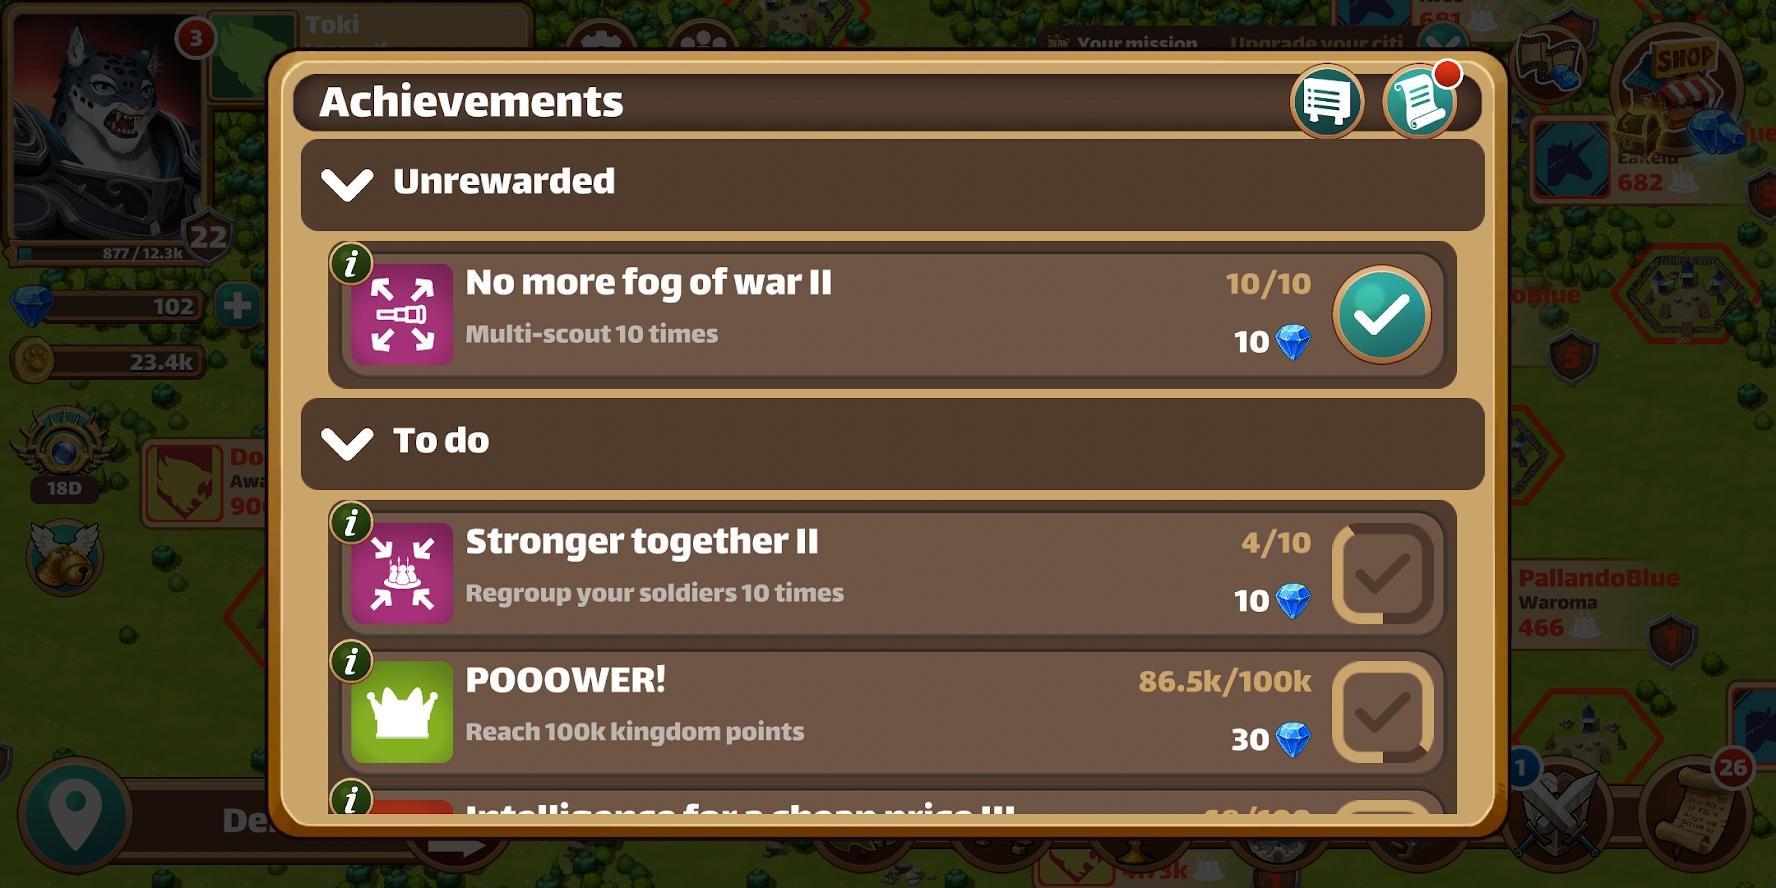 Million lords - Achievements